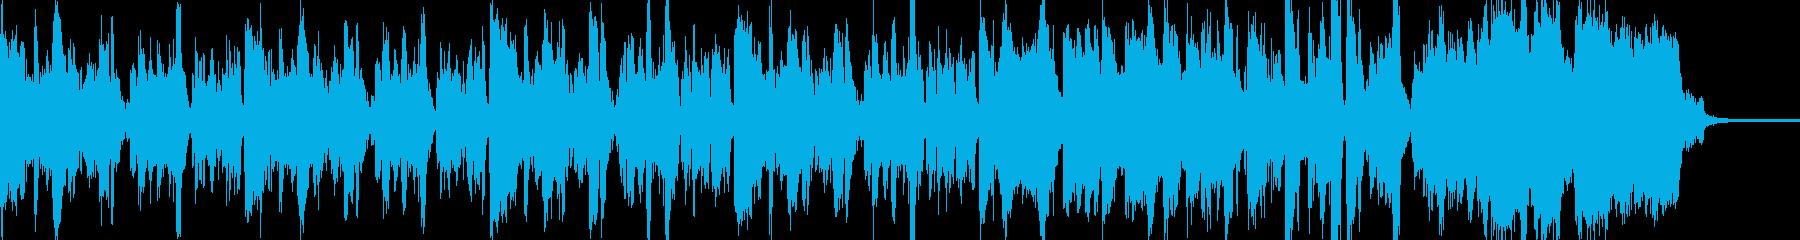 アーティスティックなインストジャズの再生済みの波形